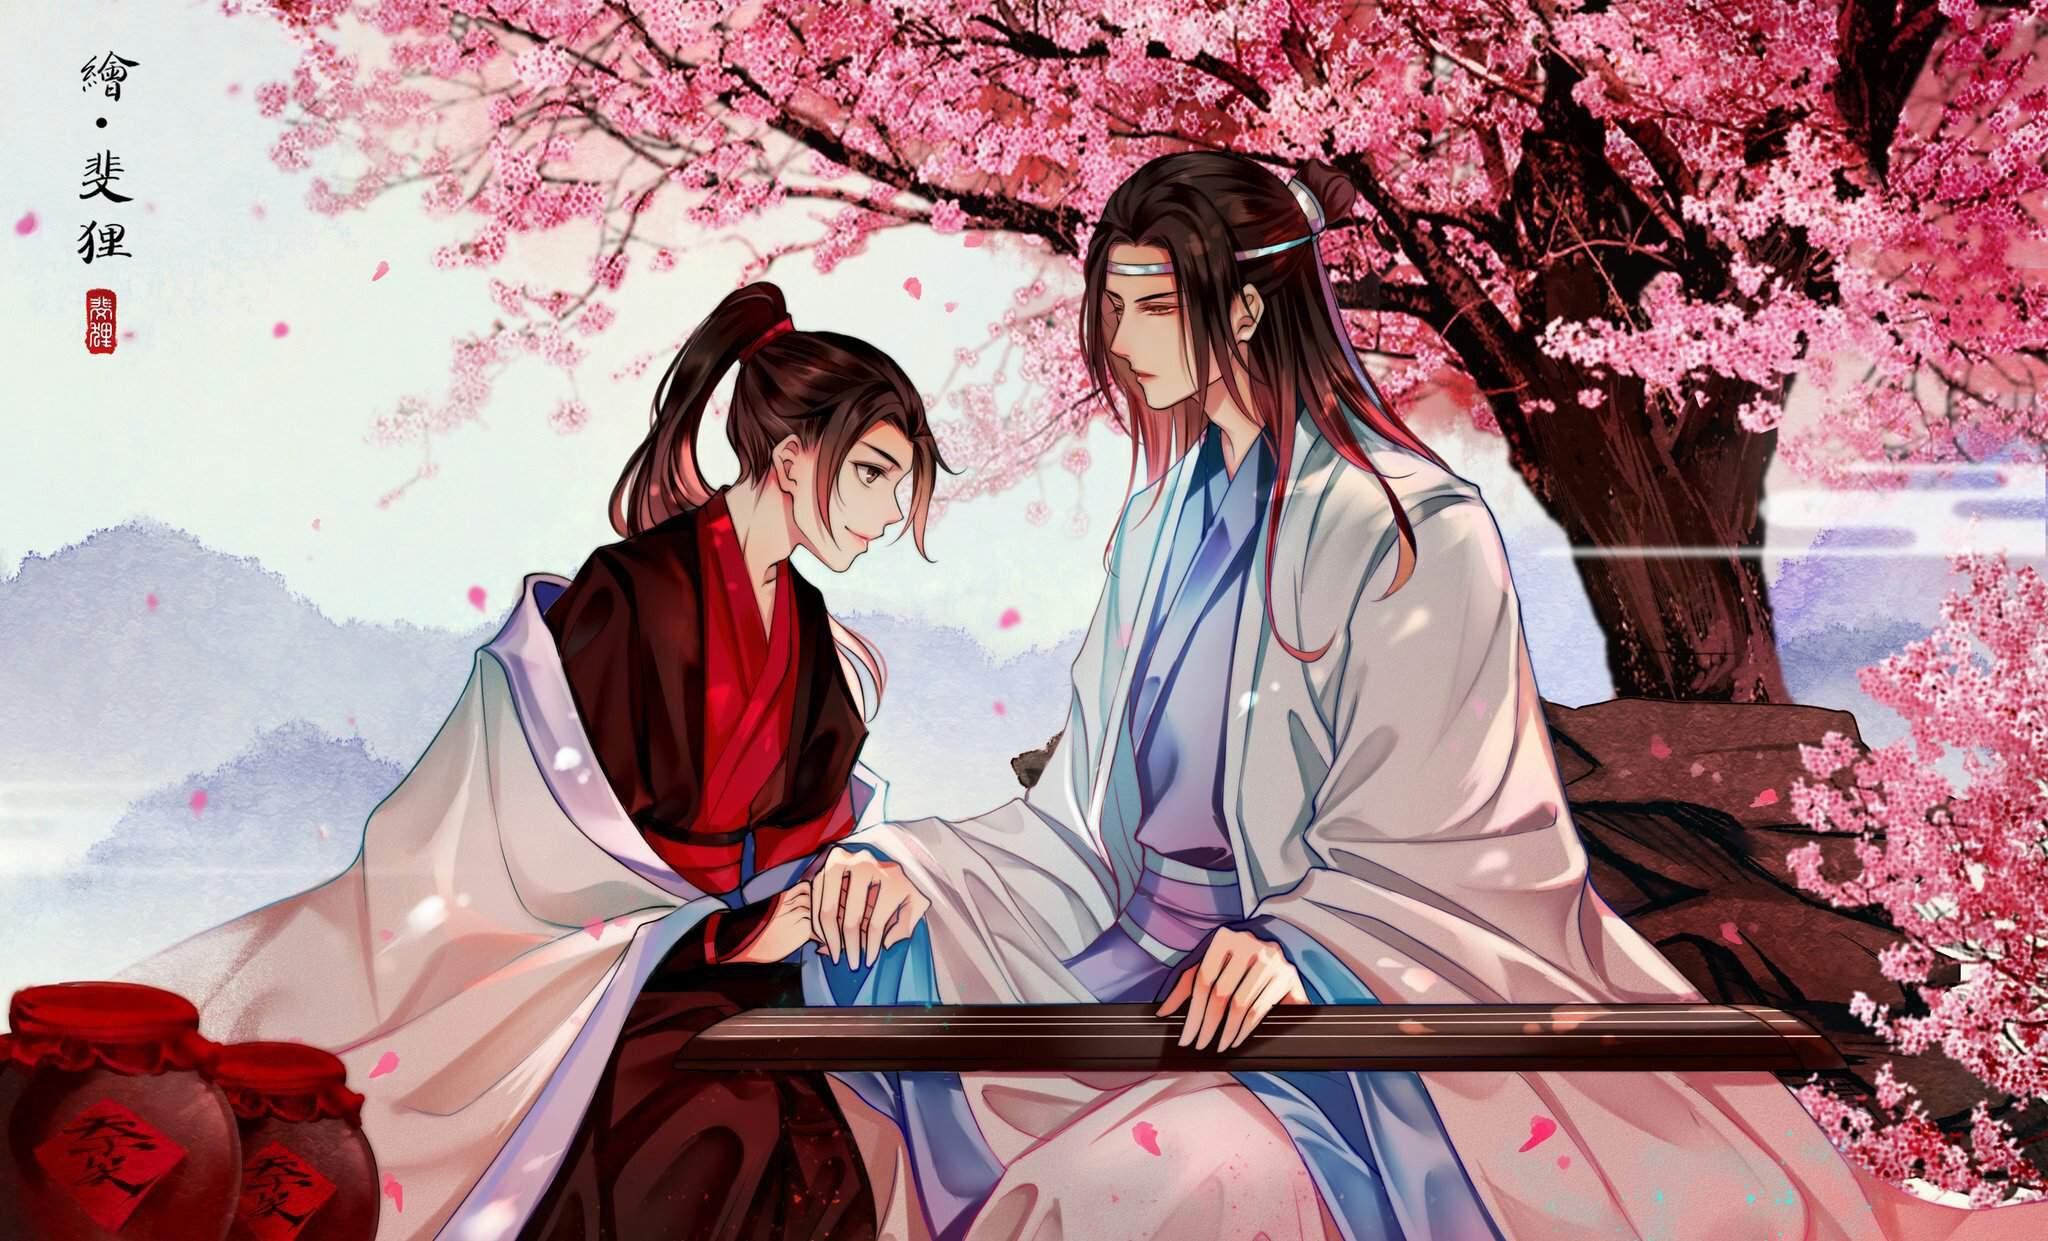 Lan Wangji Lan Zhan Wei Ying Wei Wuxian 2048x1241